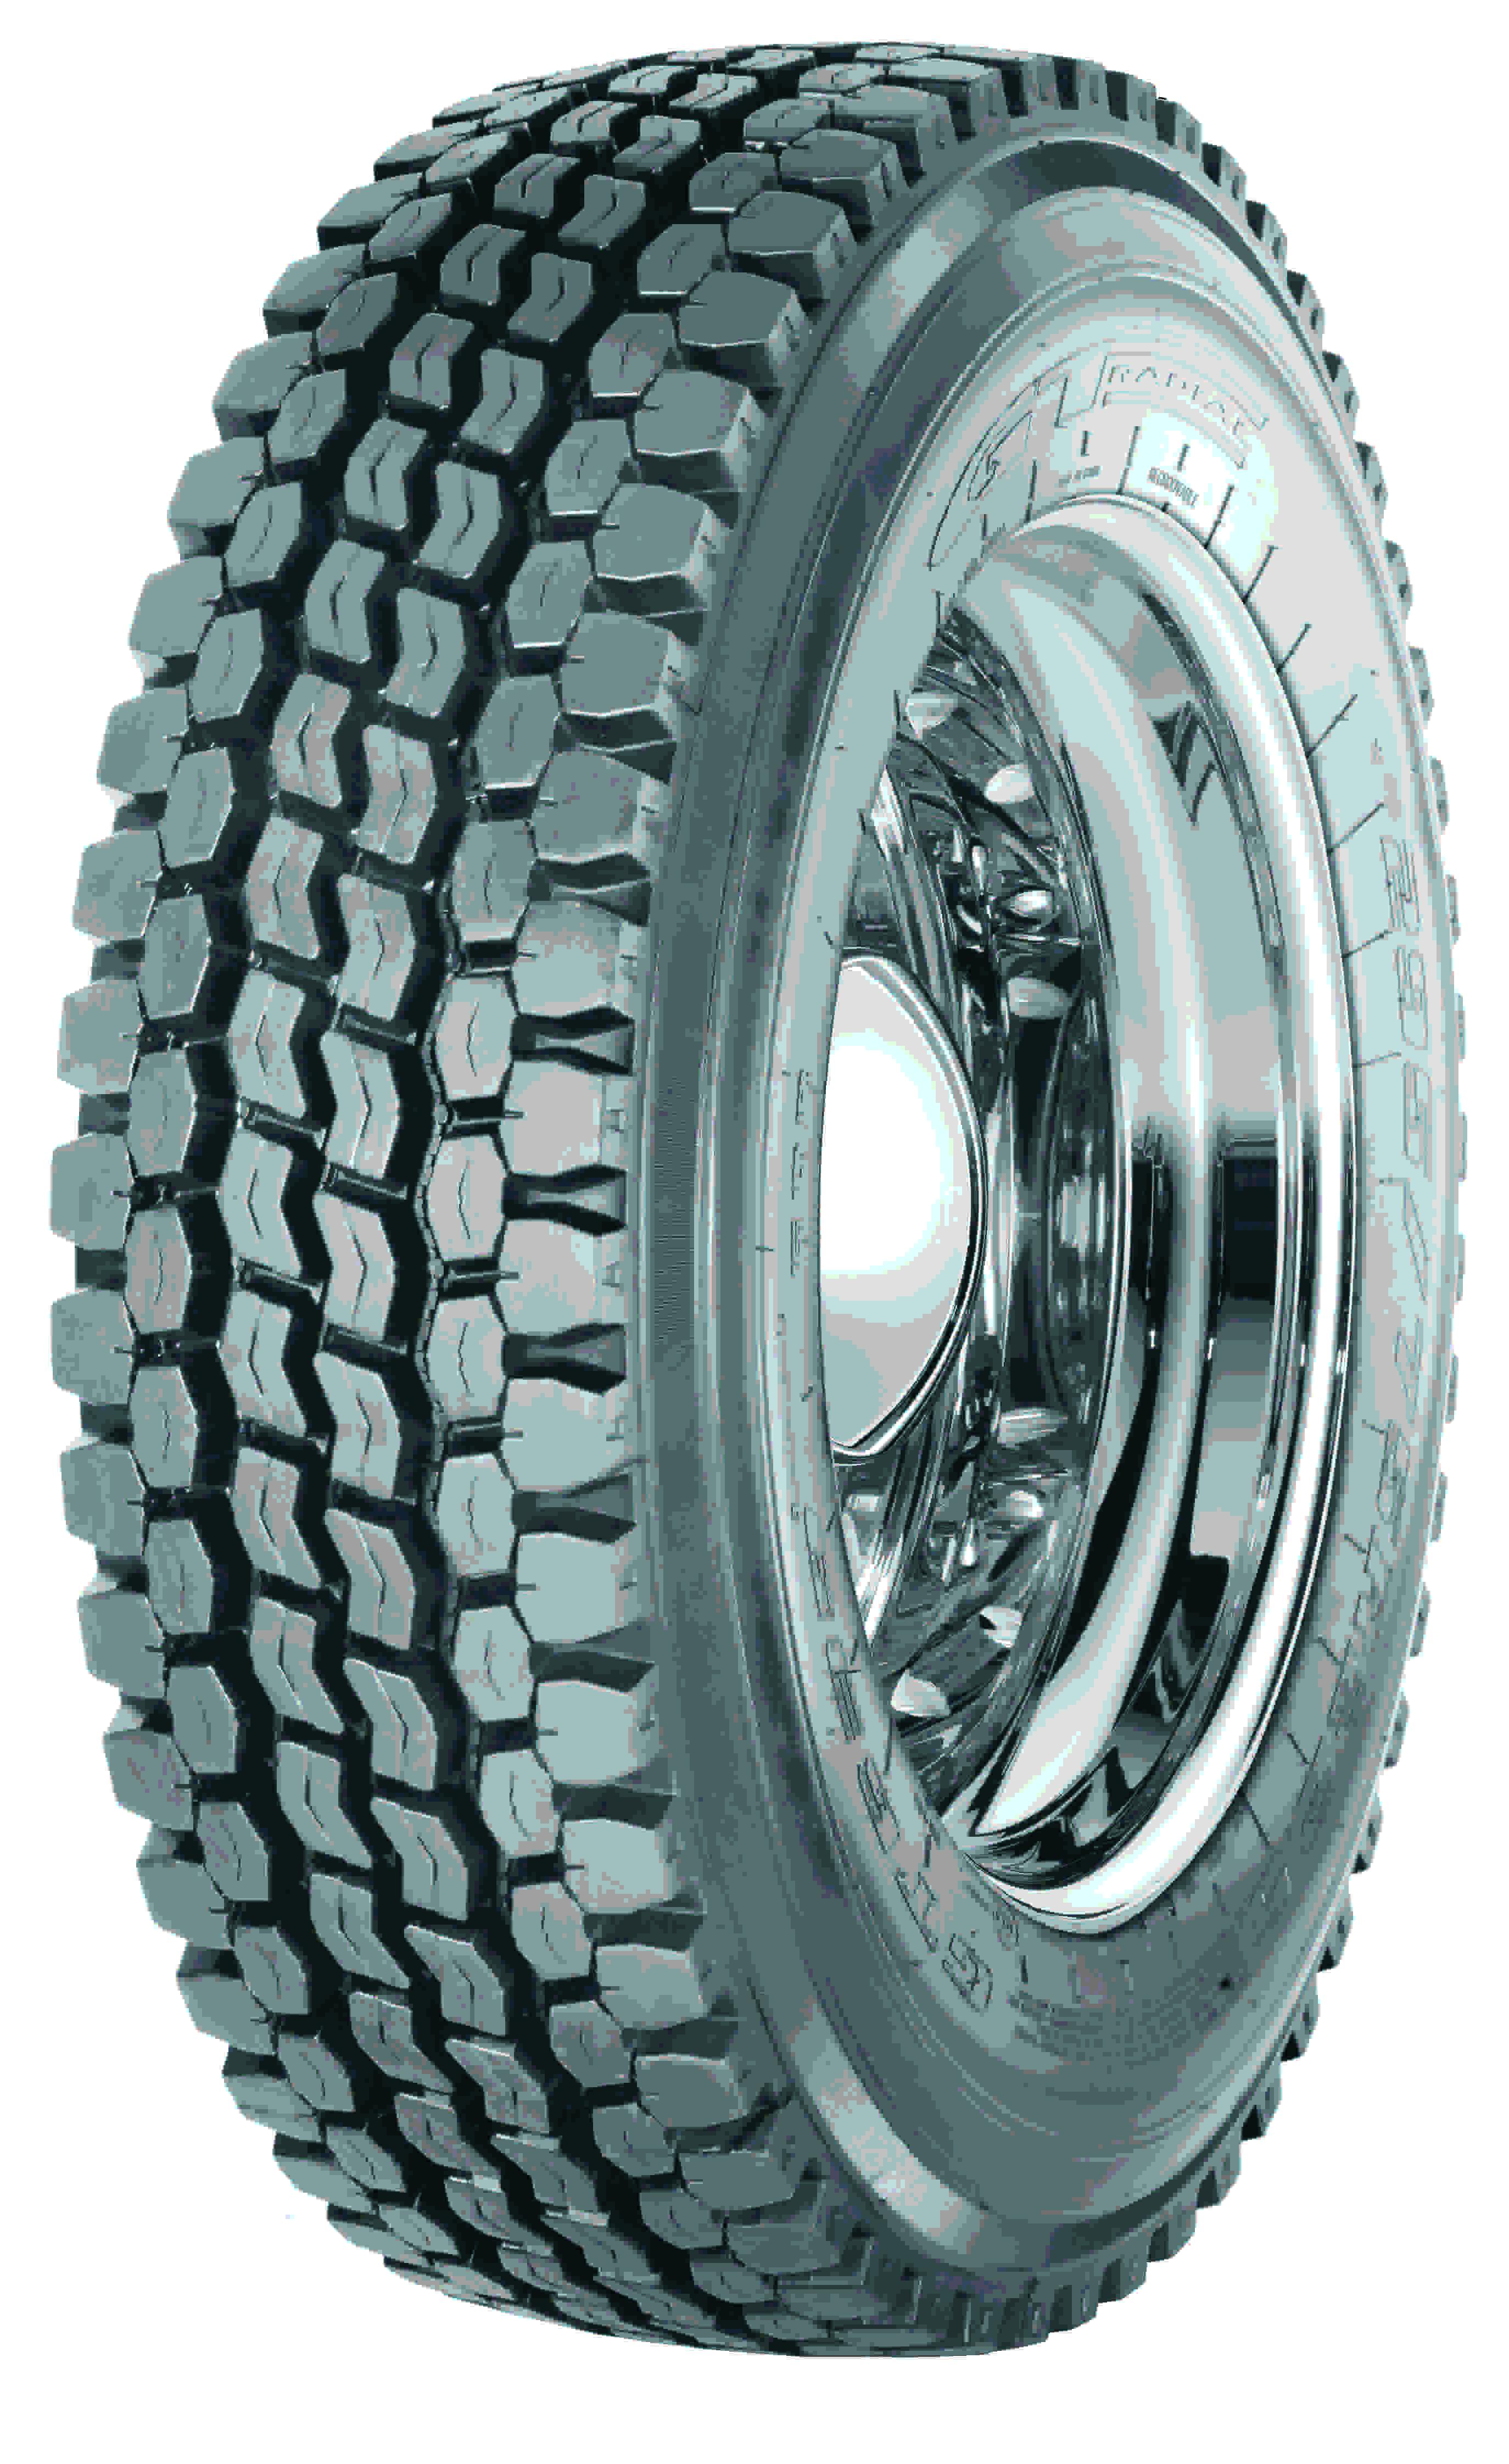 GT Radial GT639 regional drive tire